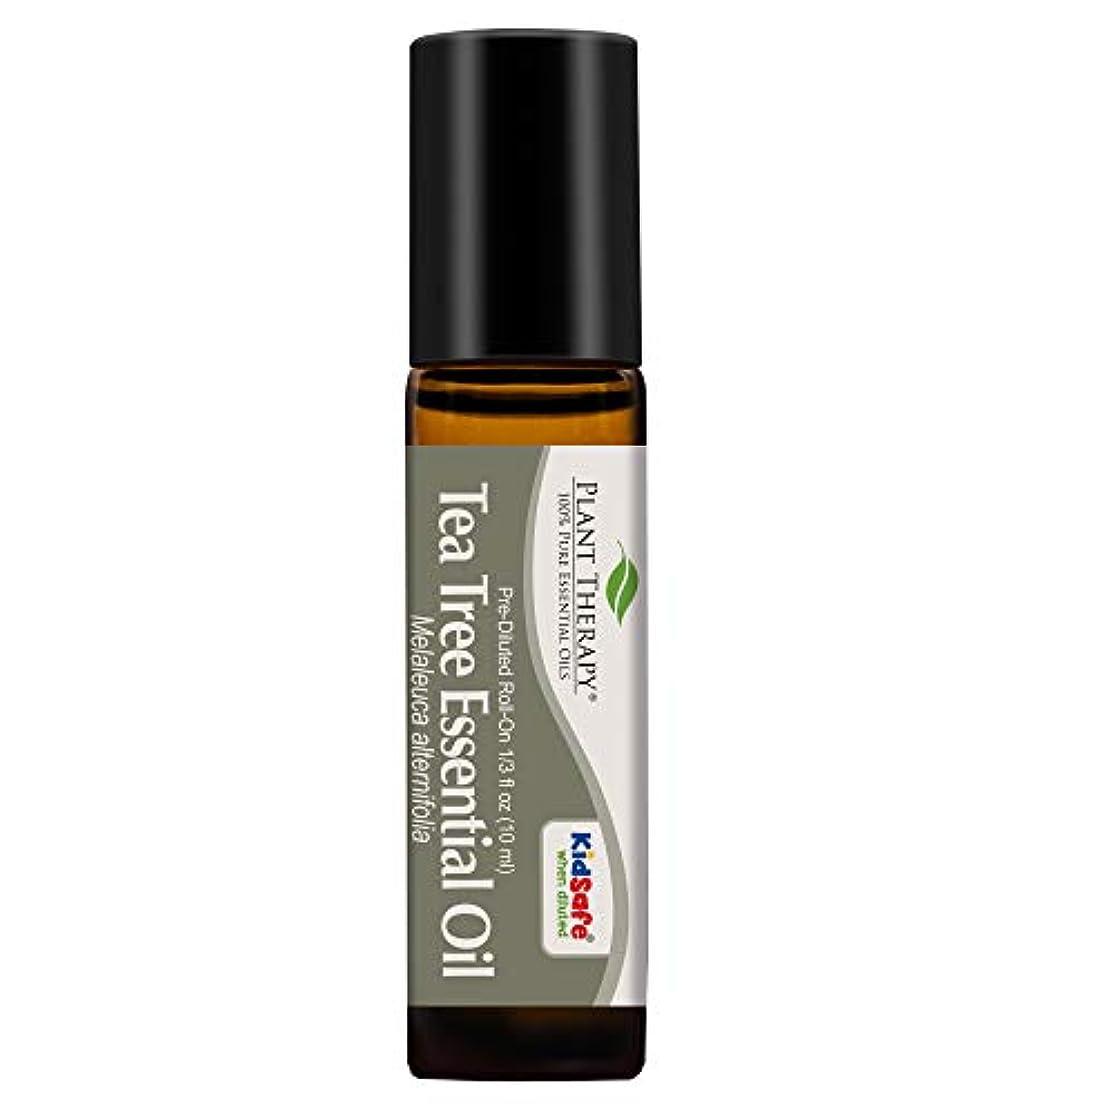 写真を描く床ペーストPlant Therapy Tea Tree Pre-Diluted Roll-On 10 ml (1/3 fl oz) 100% Pure, Therapeutic Grade